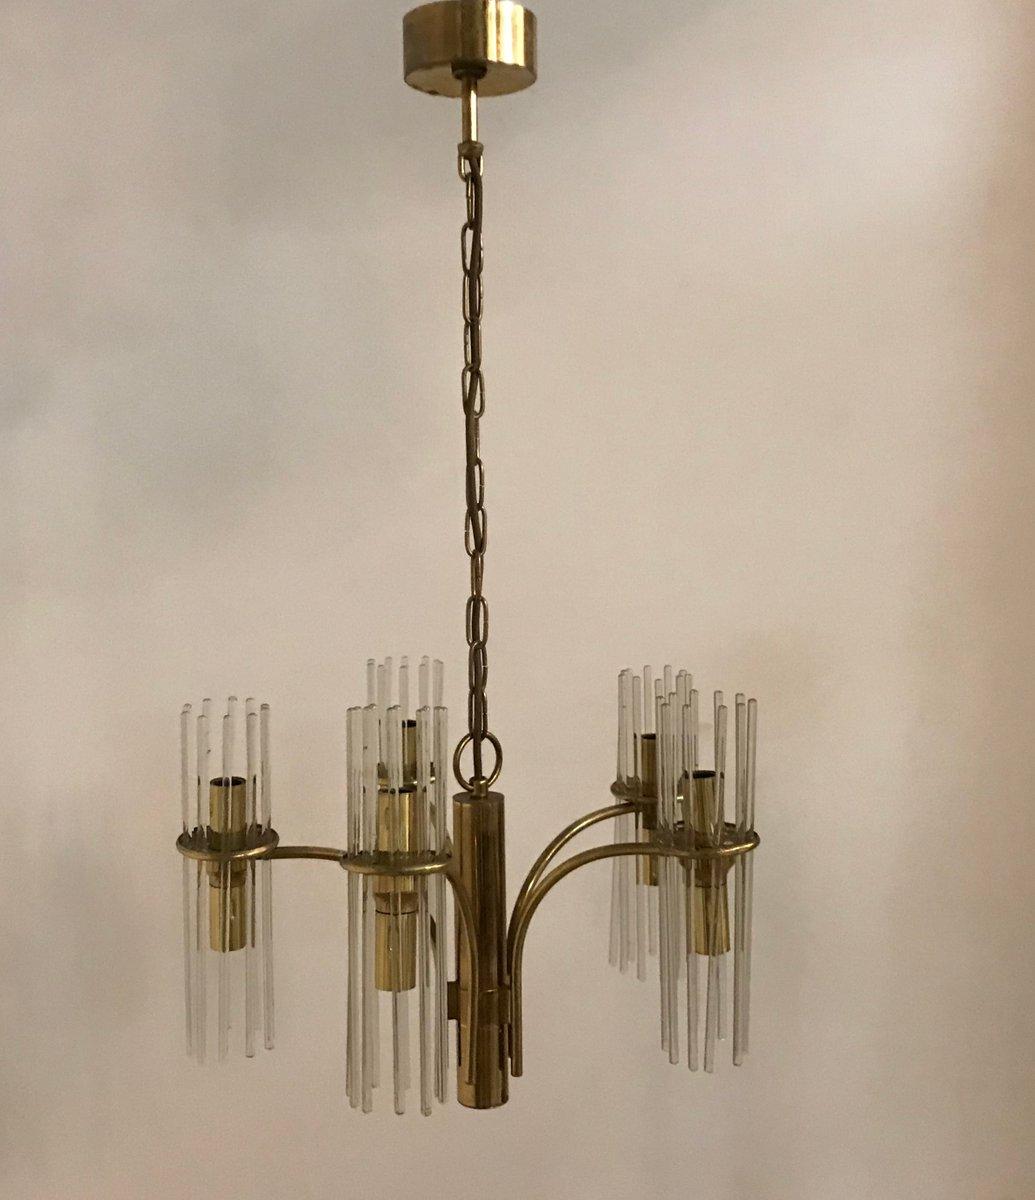 Kronleuchter mit Stäben aus Kristallglas von Gaetano Sciolari, 1970er